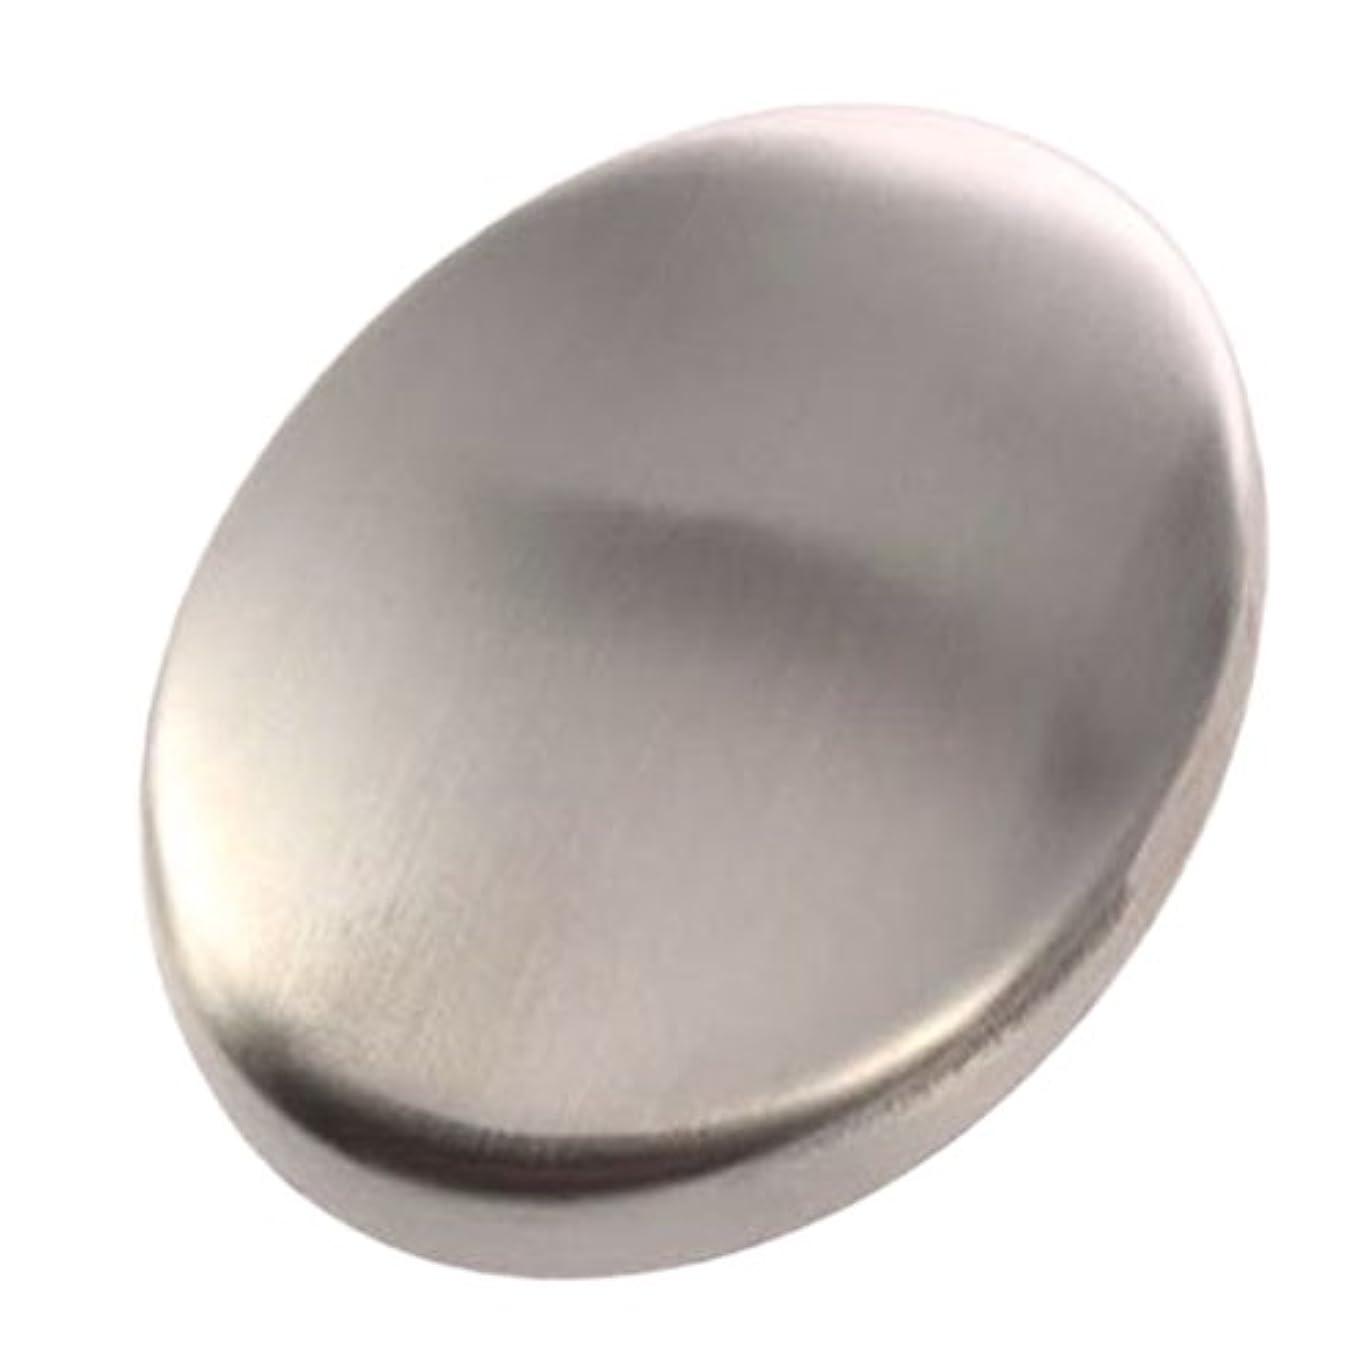 ズーム噴火歩道Zafina ステンレスソープ 円形 においとりソープ 臭い取り ステンレス石鹸